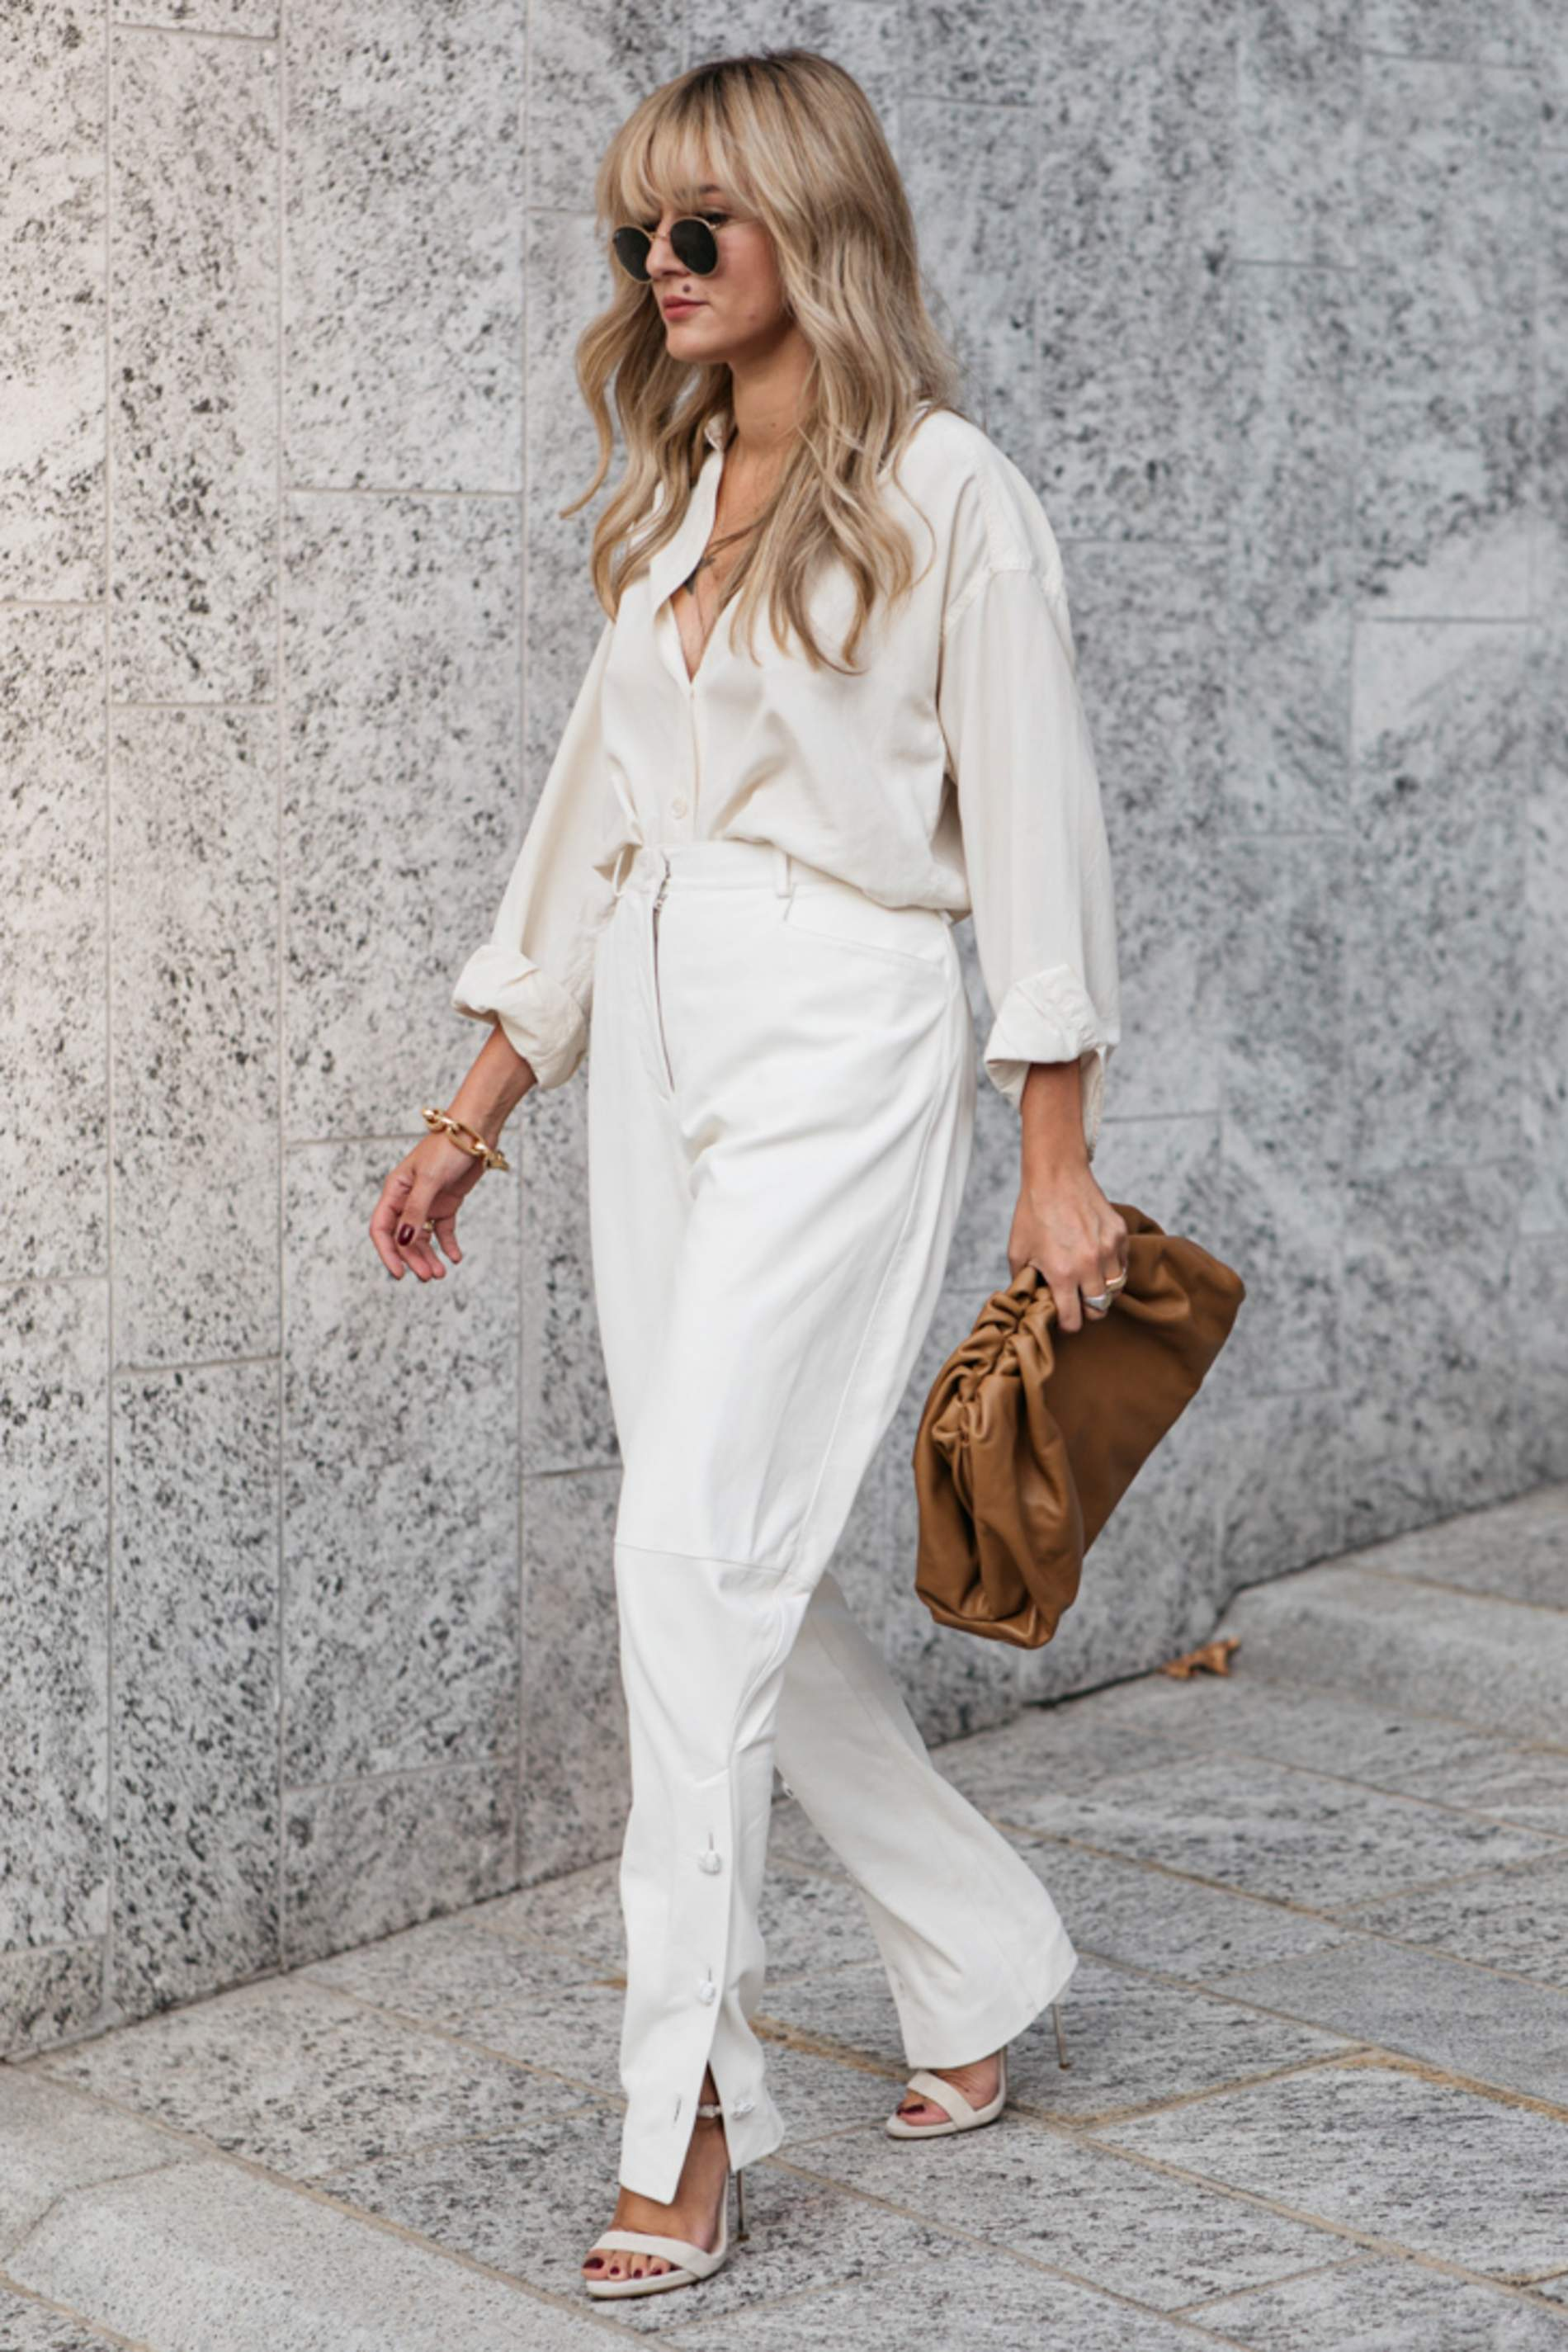 Trang phục màu trắng thể hiện tính cách nề nếp, tối giản